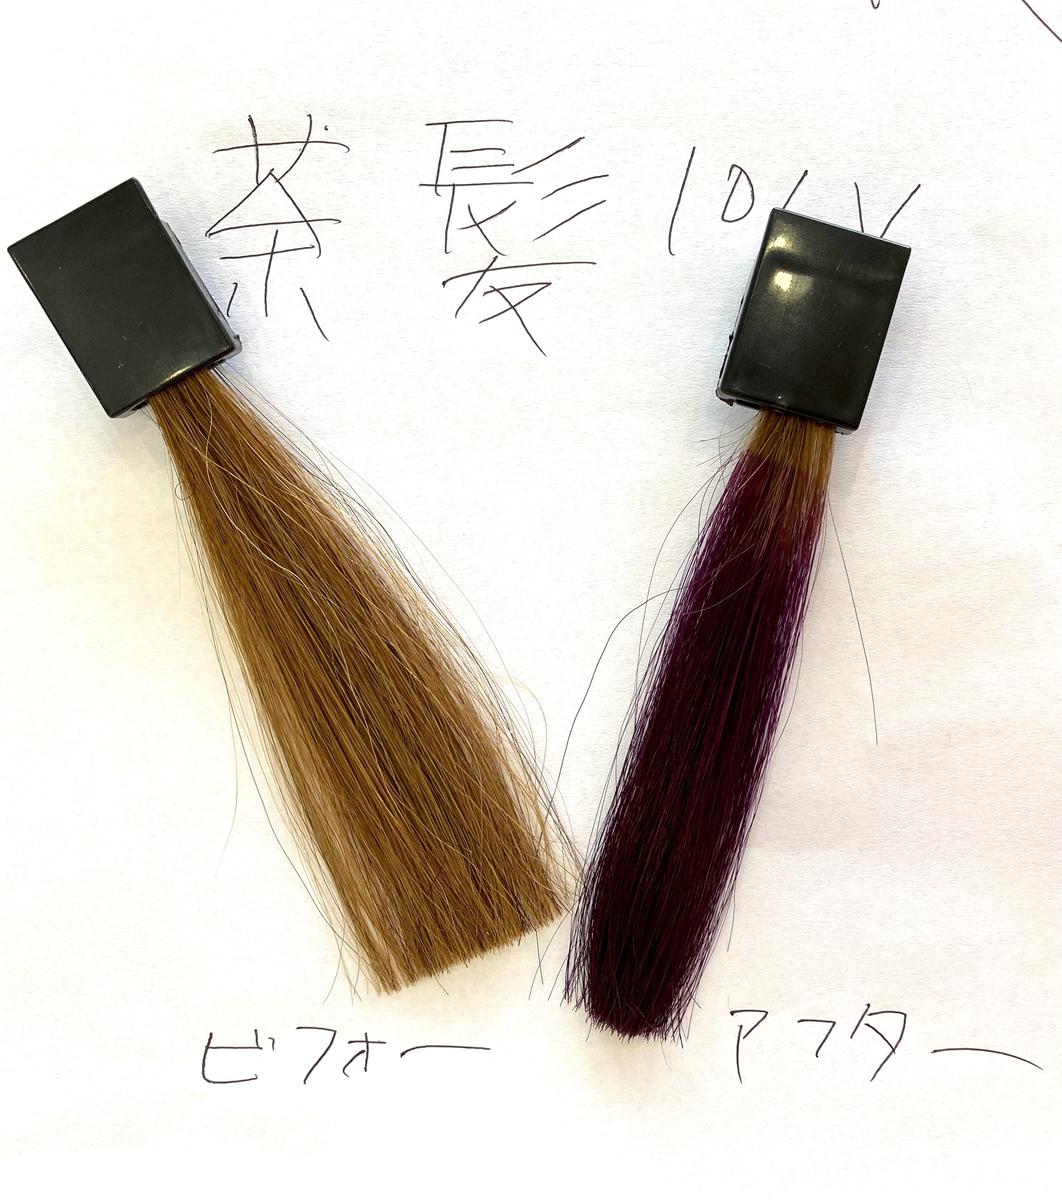 画面左が茶髪で画面右が茶髪にショッキングパープルで染めた仕上がり